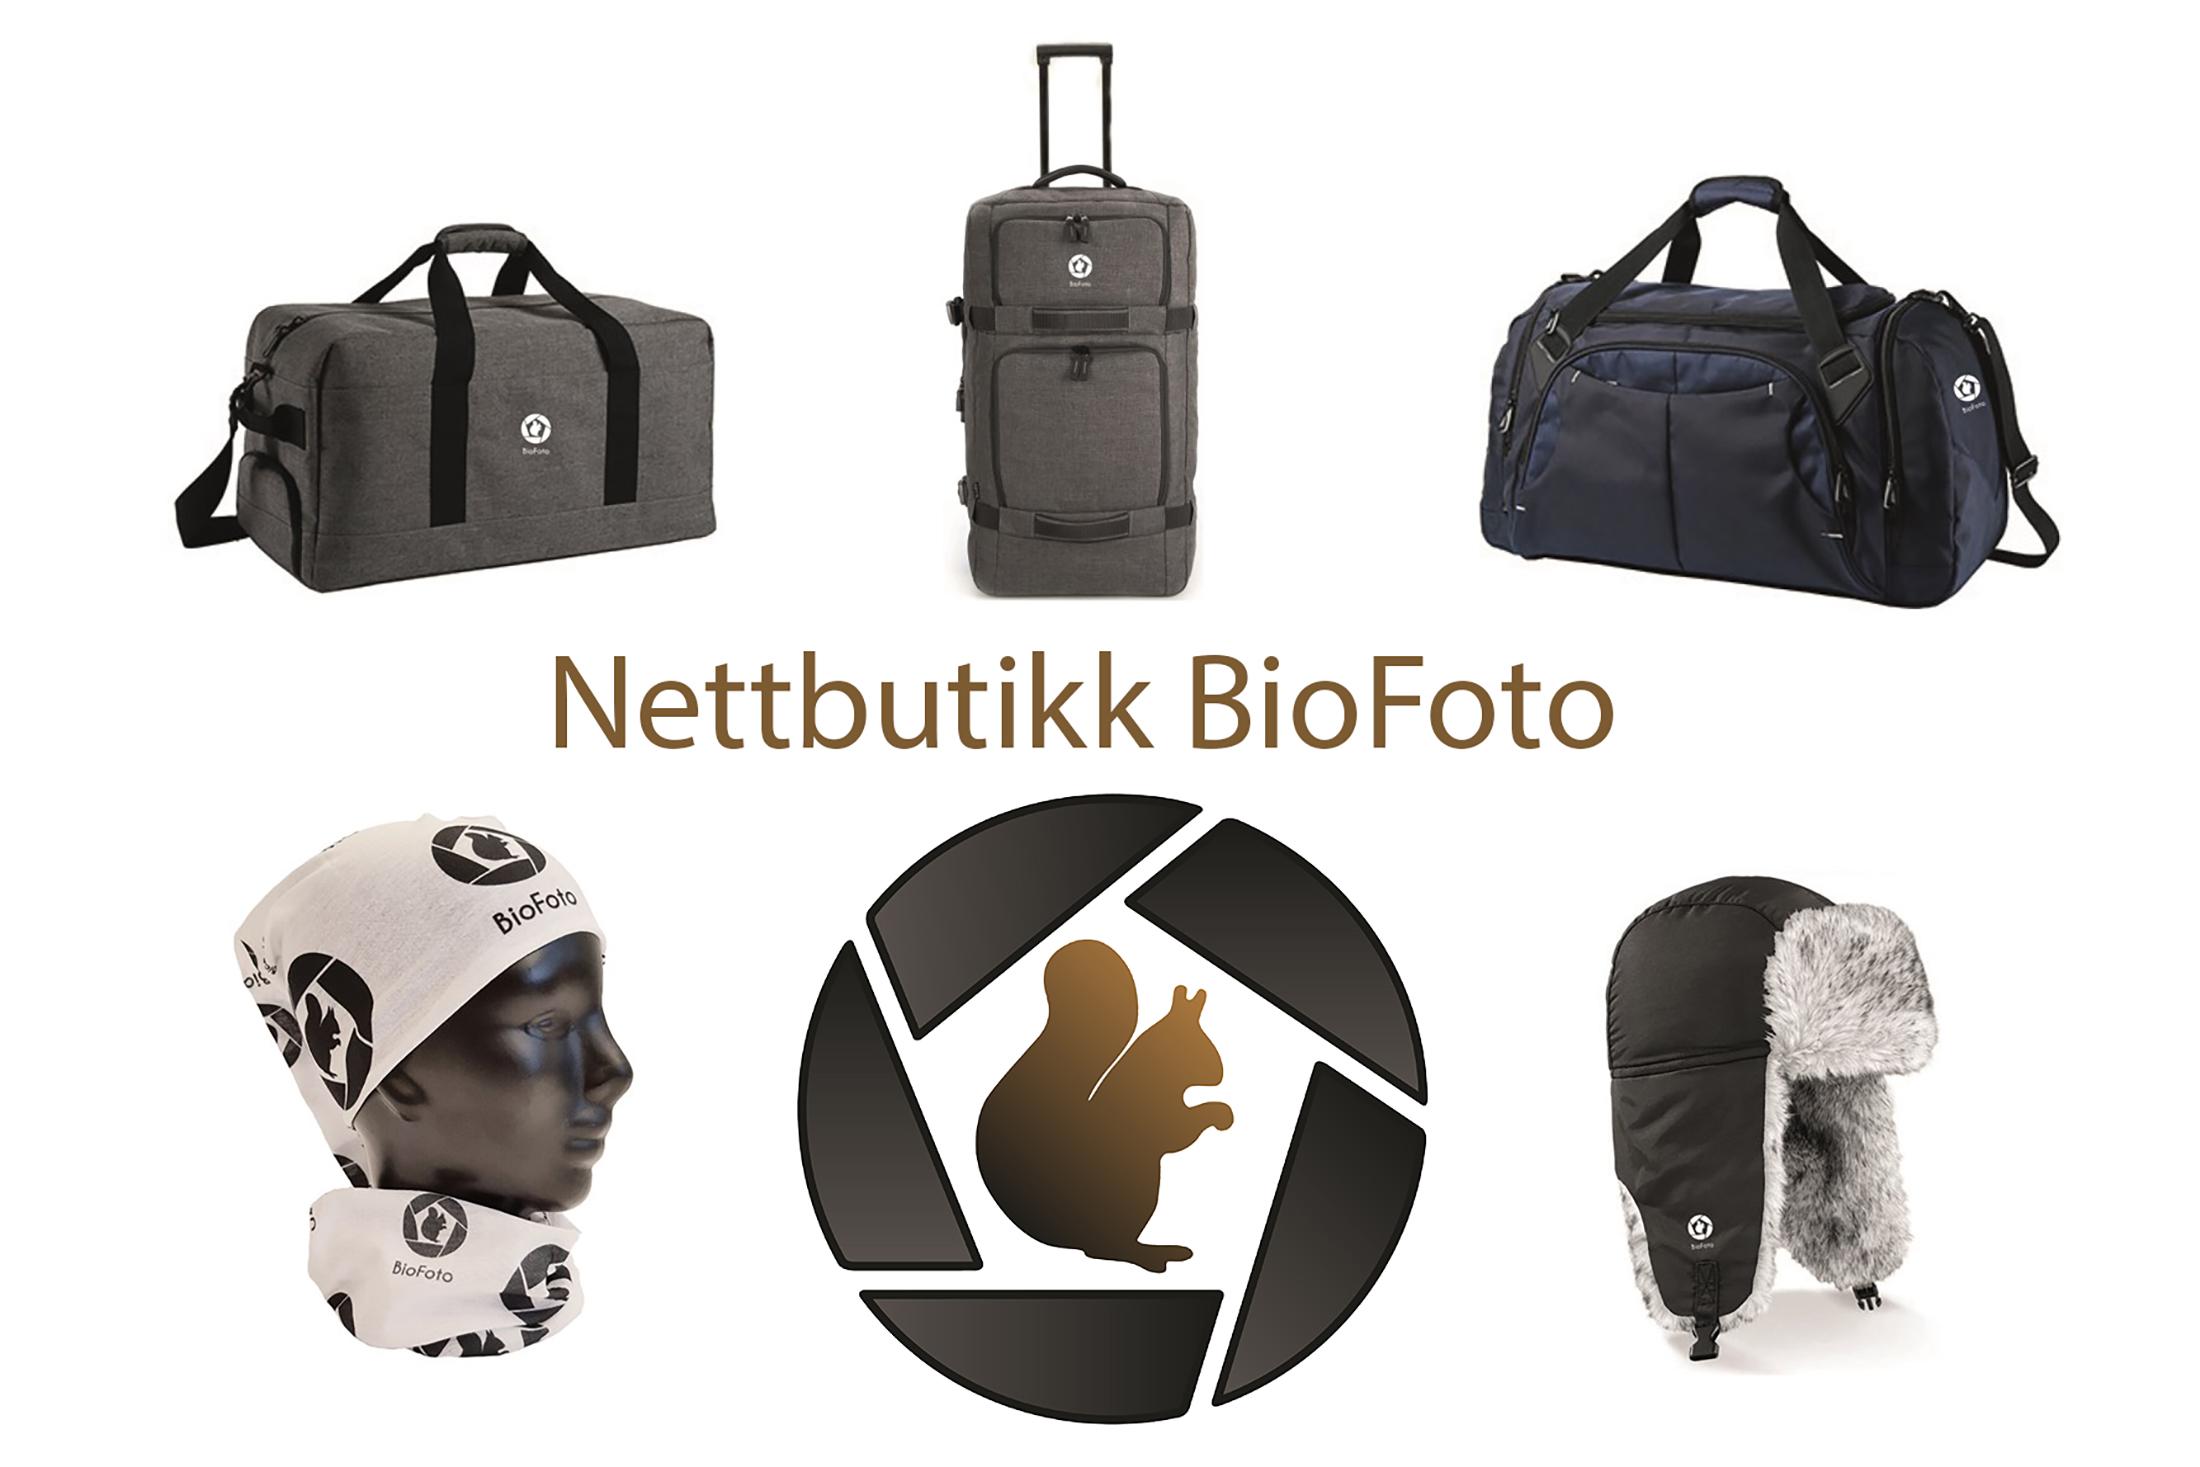 Nettbutikk BioFoto